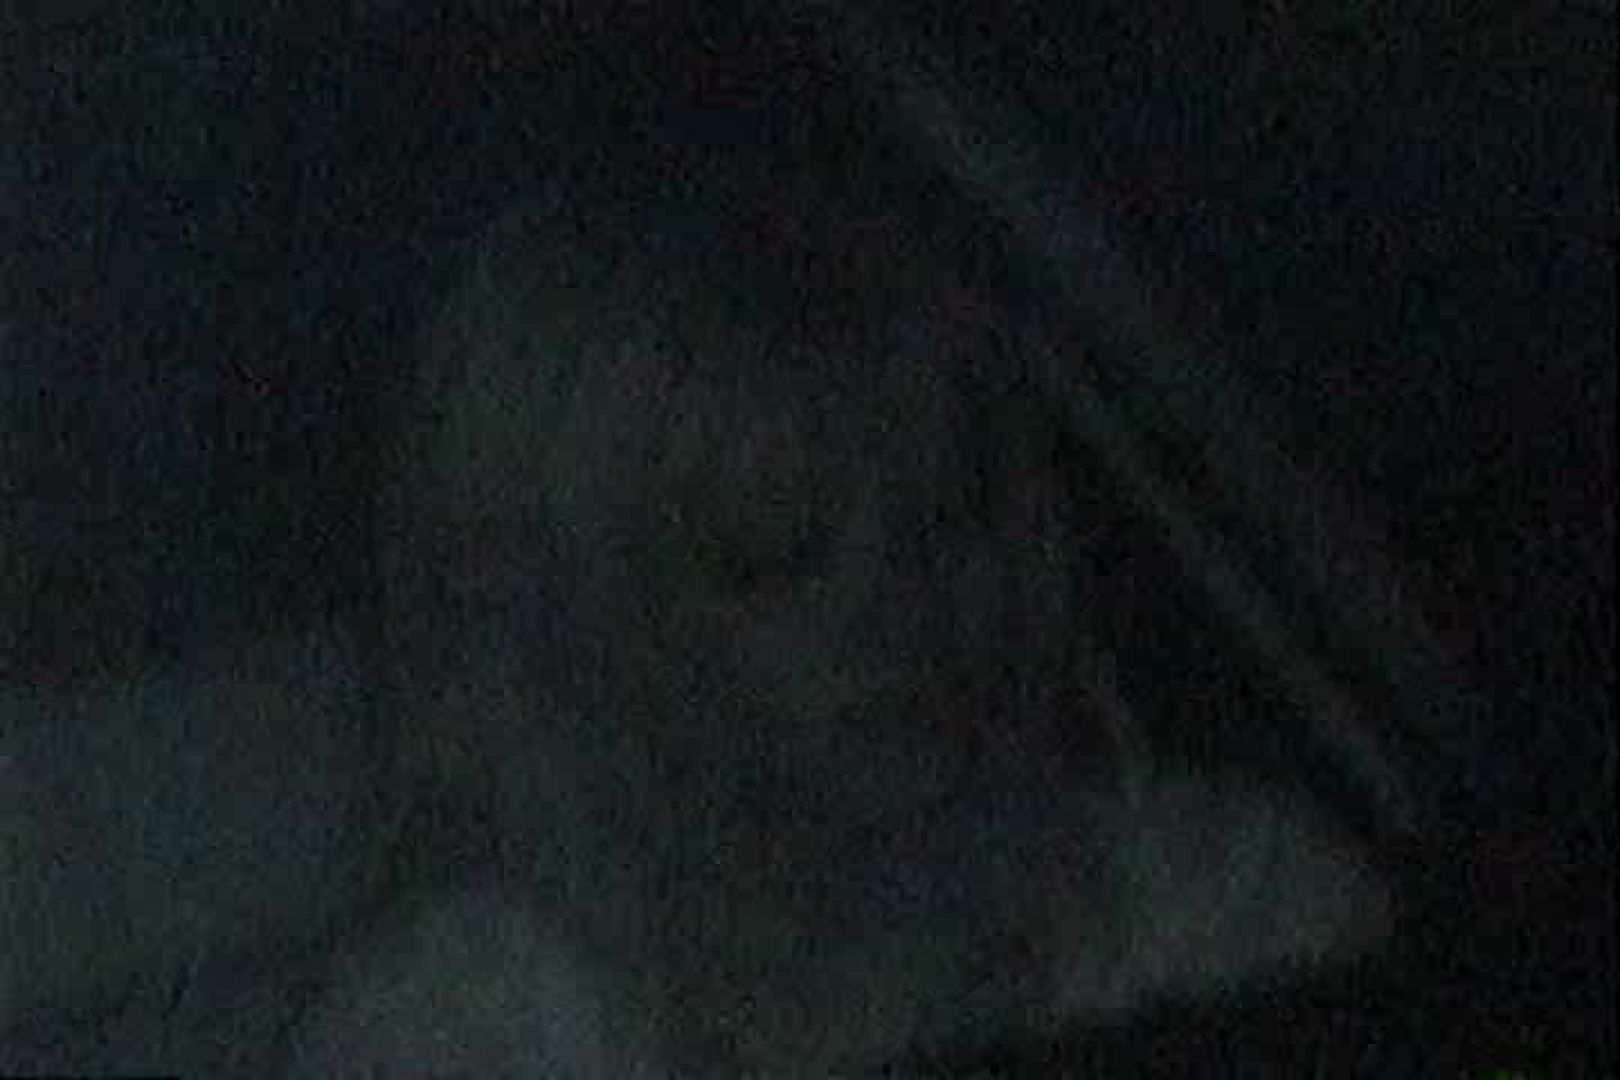 充血監督の深夜の運動会Vol.143 OLの実態 盗撮われめAV動画紹介 31pic 17